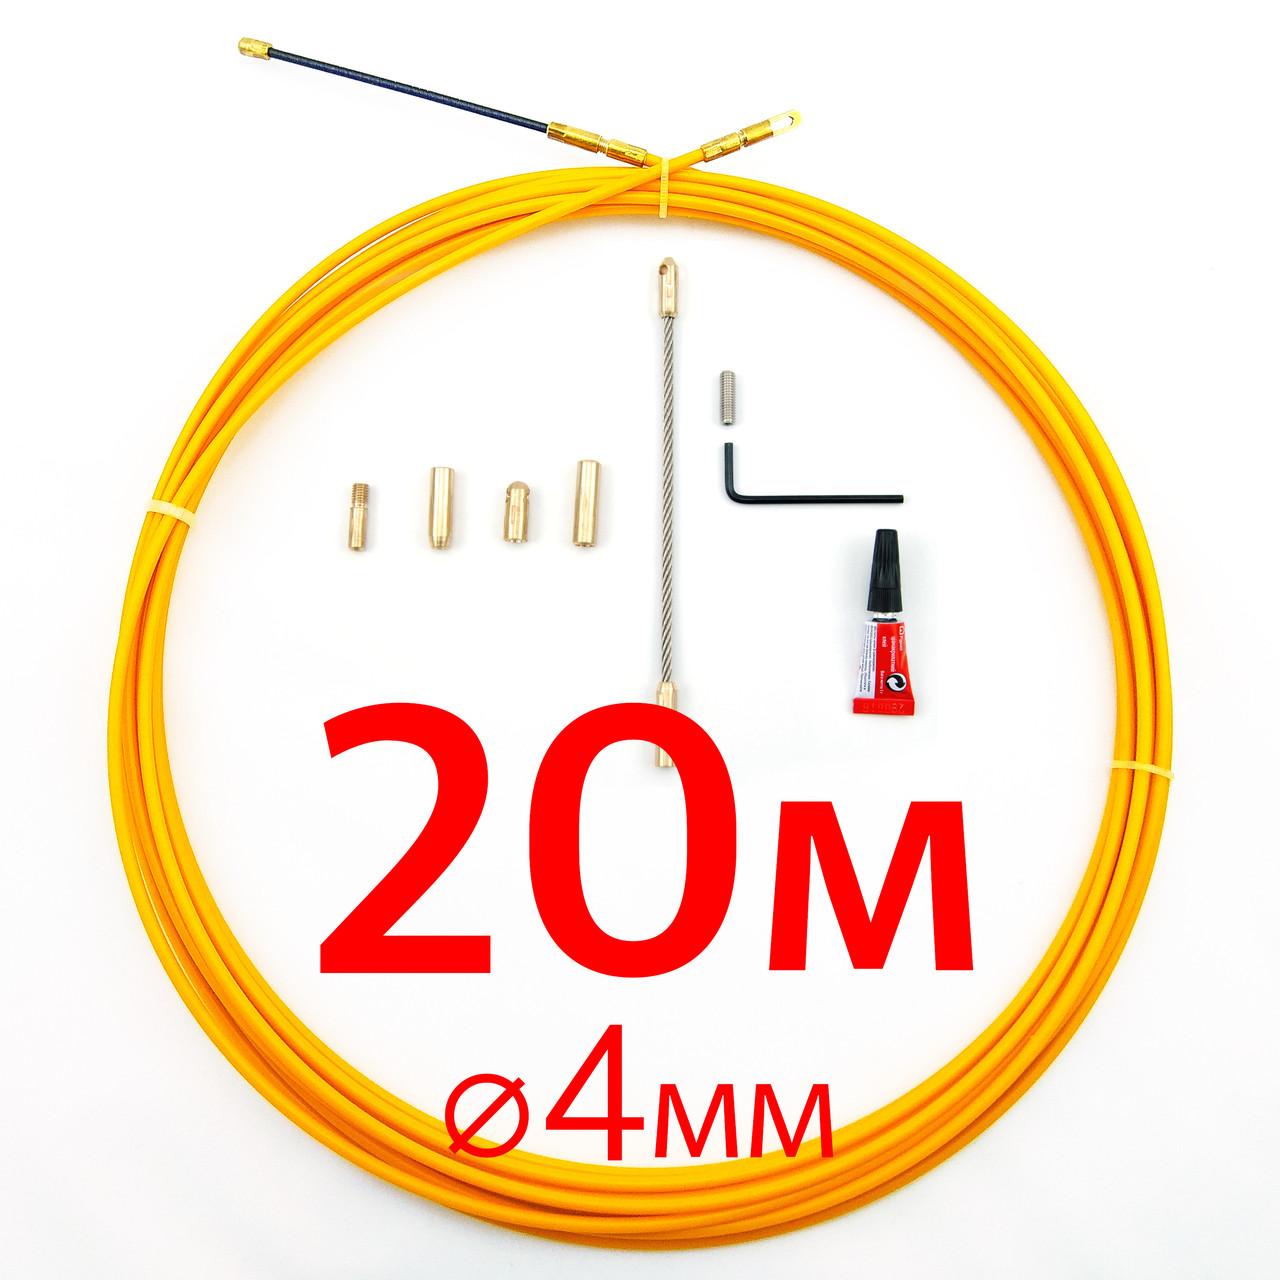 Кабельная протяжка, стеклопруток 4мм х 20м + 7 наконечников, протяжка для кабеля 20 метров, устройство затяжки